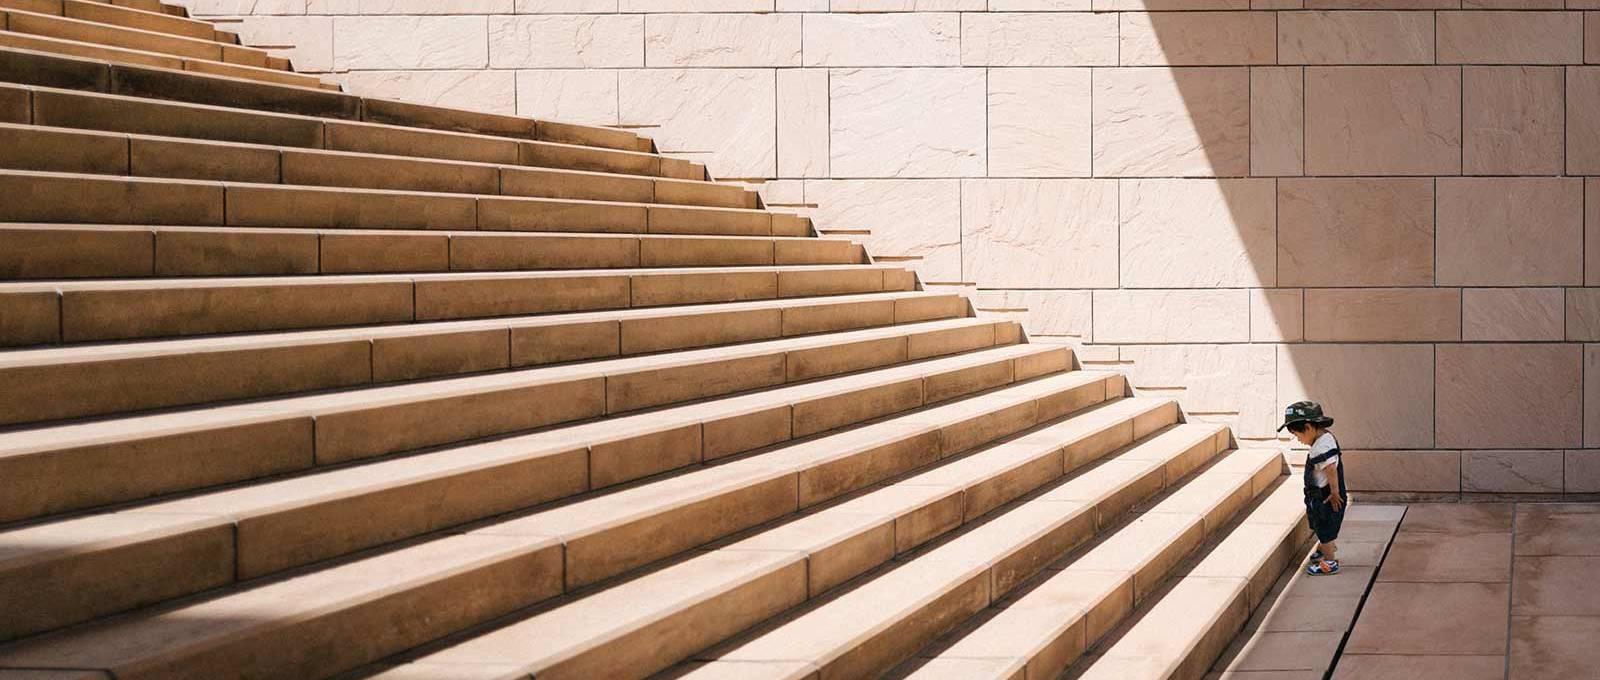 7 страхов на пути к своему делу